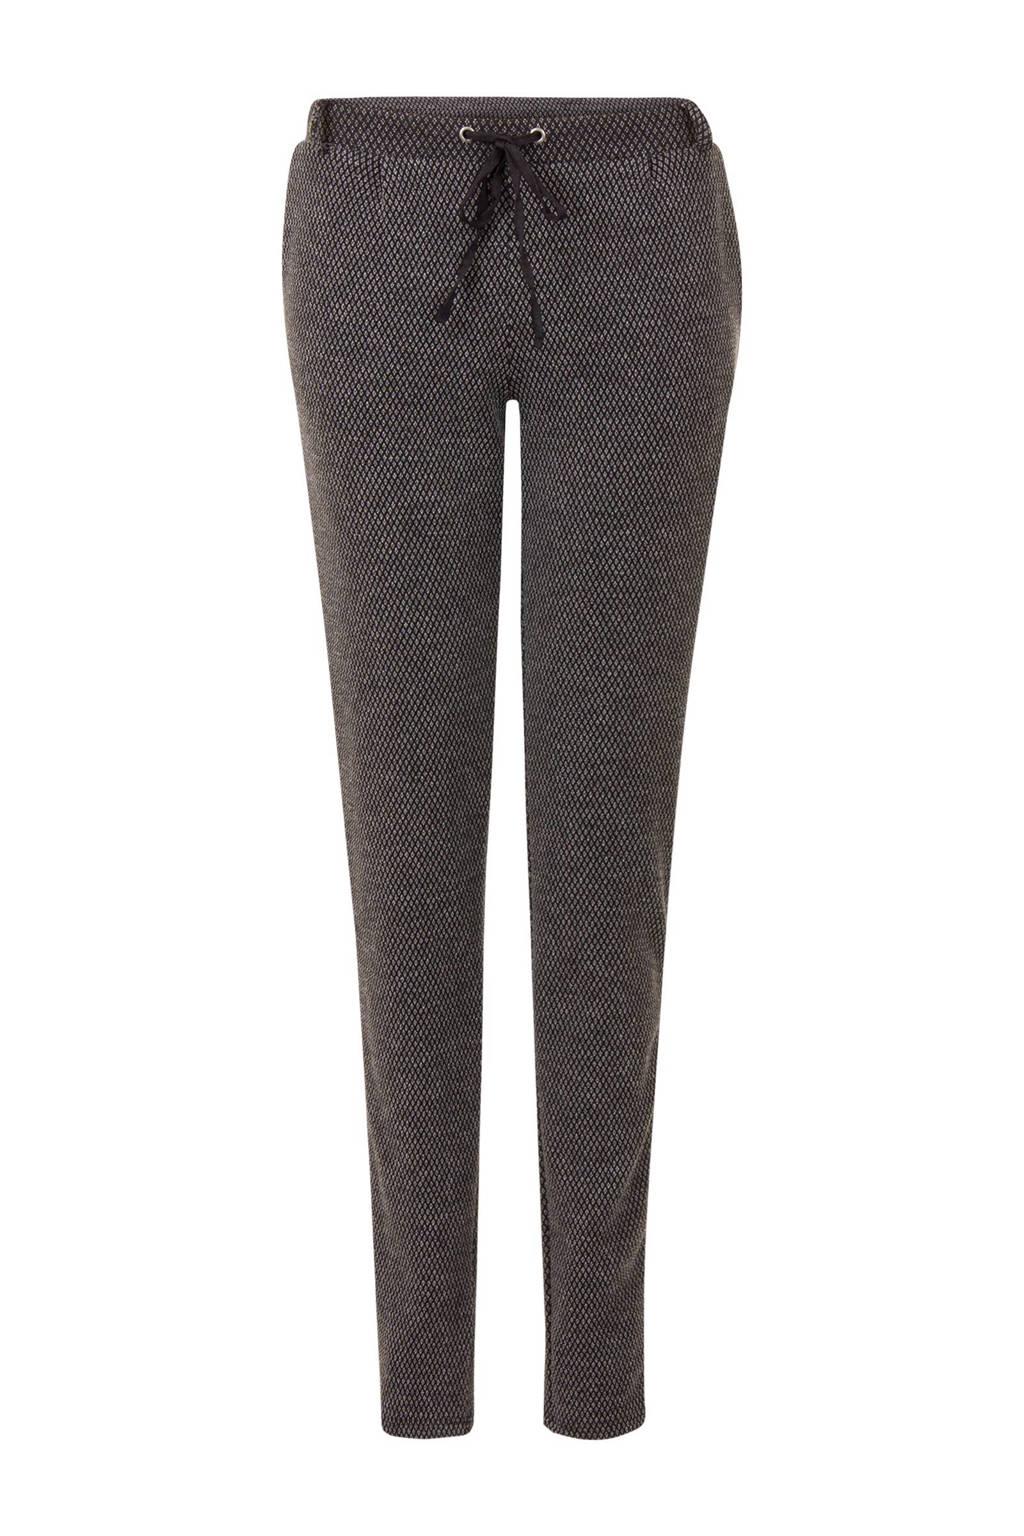 Miss Etam Regulier straight fit tweed broek, Zwart/grijs